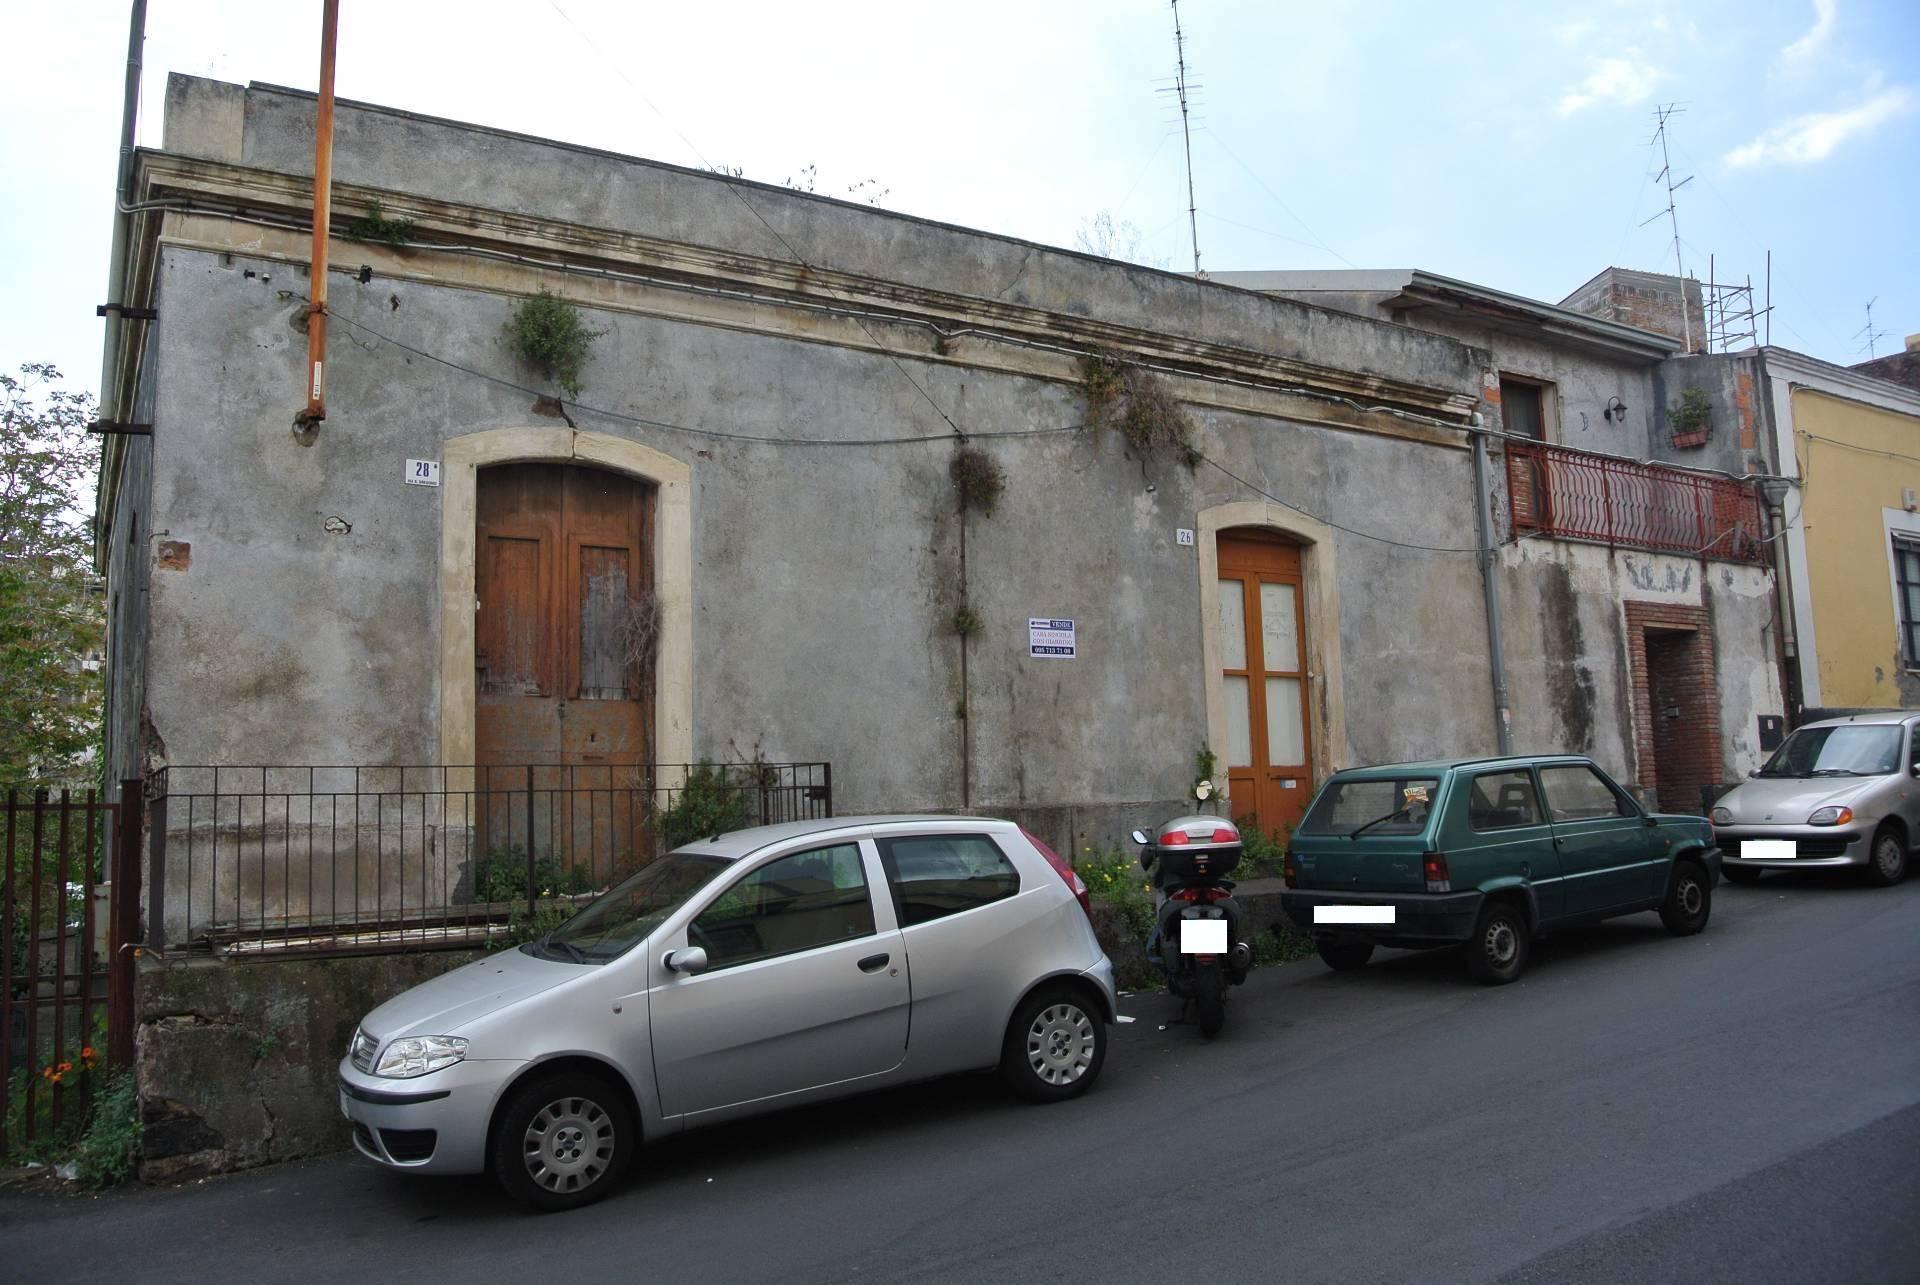 Soluzione Indipendente in vendita a Catania, 10 locali, zona Località: Barriera, prezzo € 149.000 | Cambio Casa.it